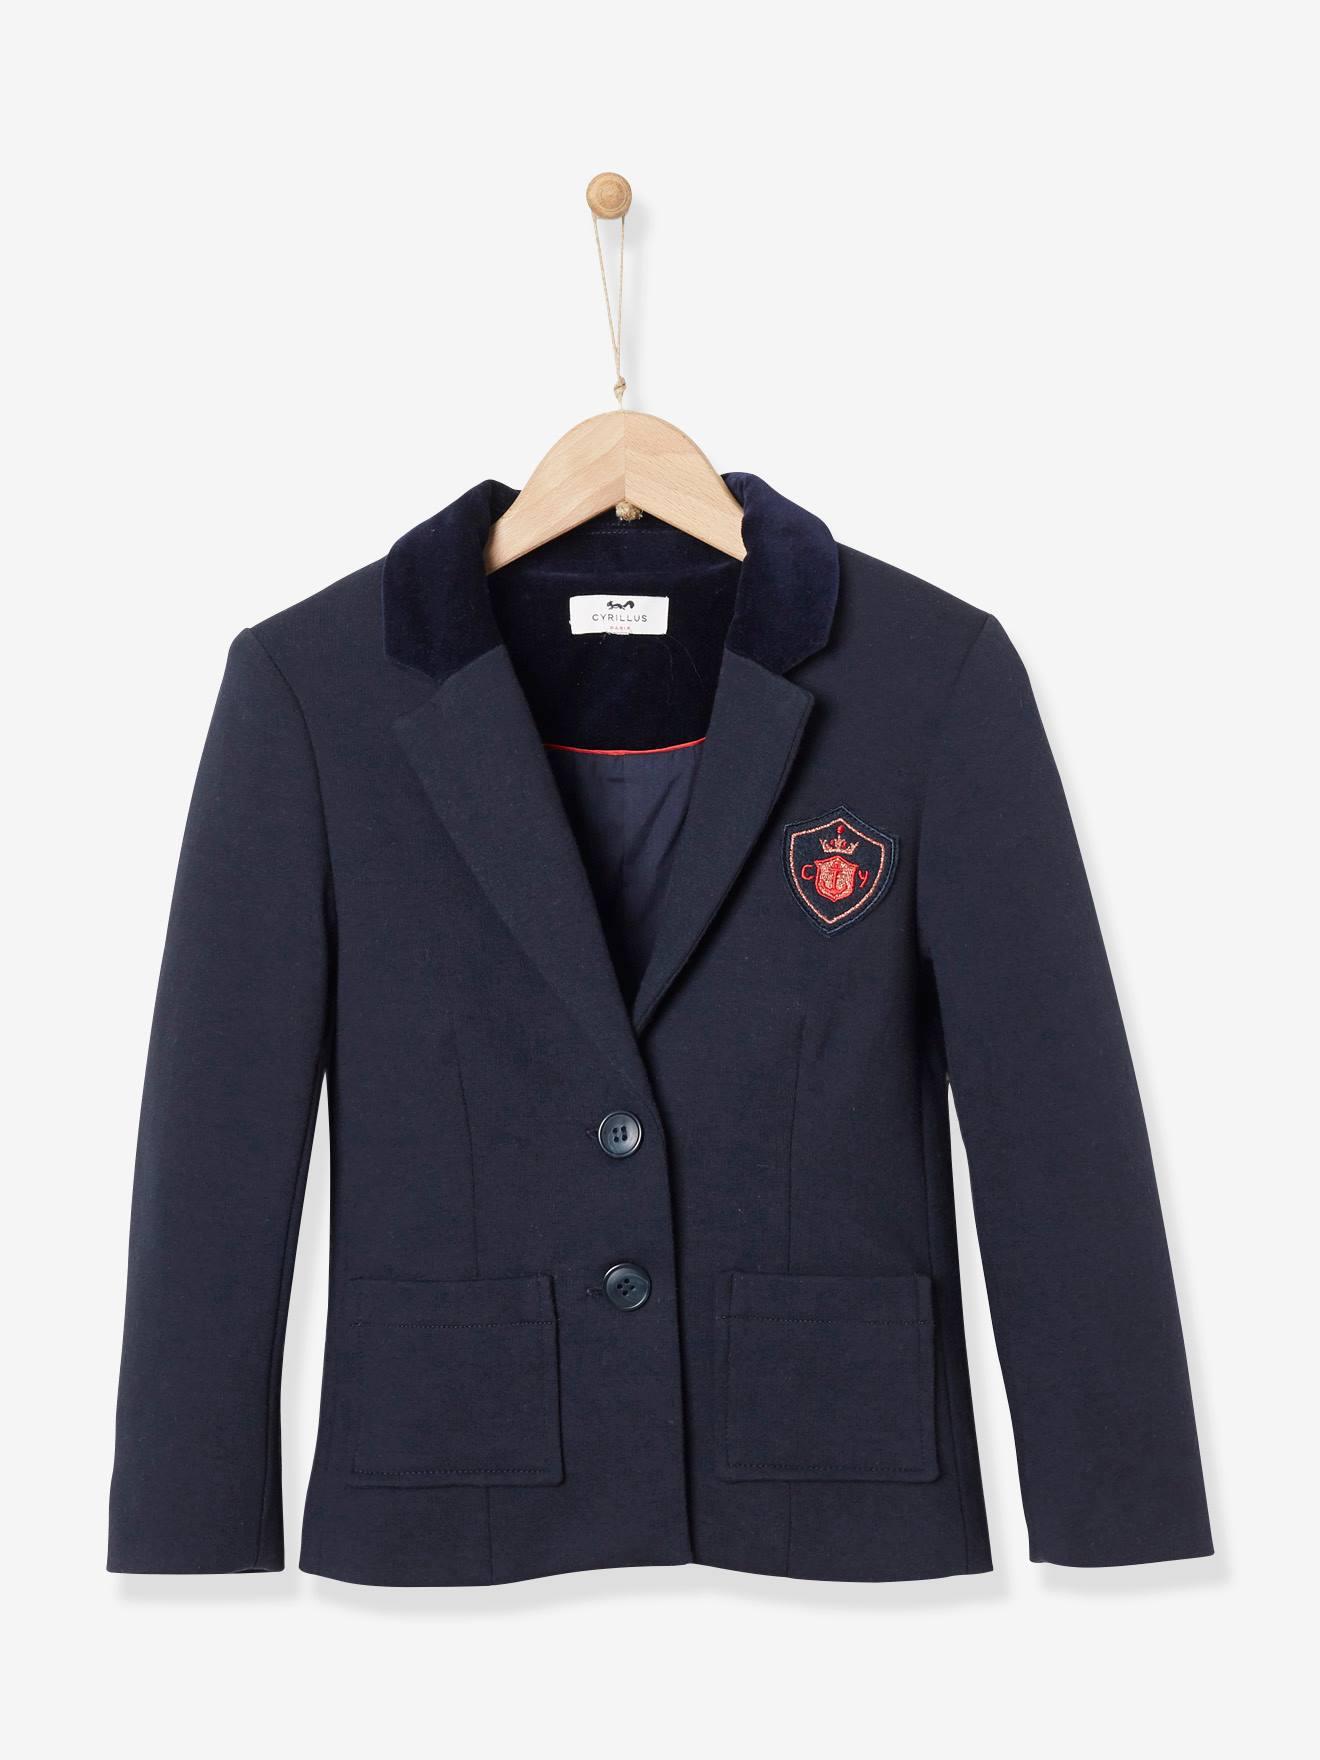 Mädchen Jacken Blau bequem online aussuchen vertbaudet